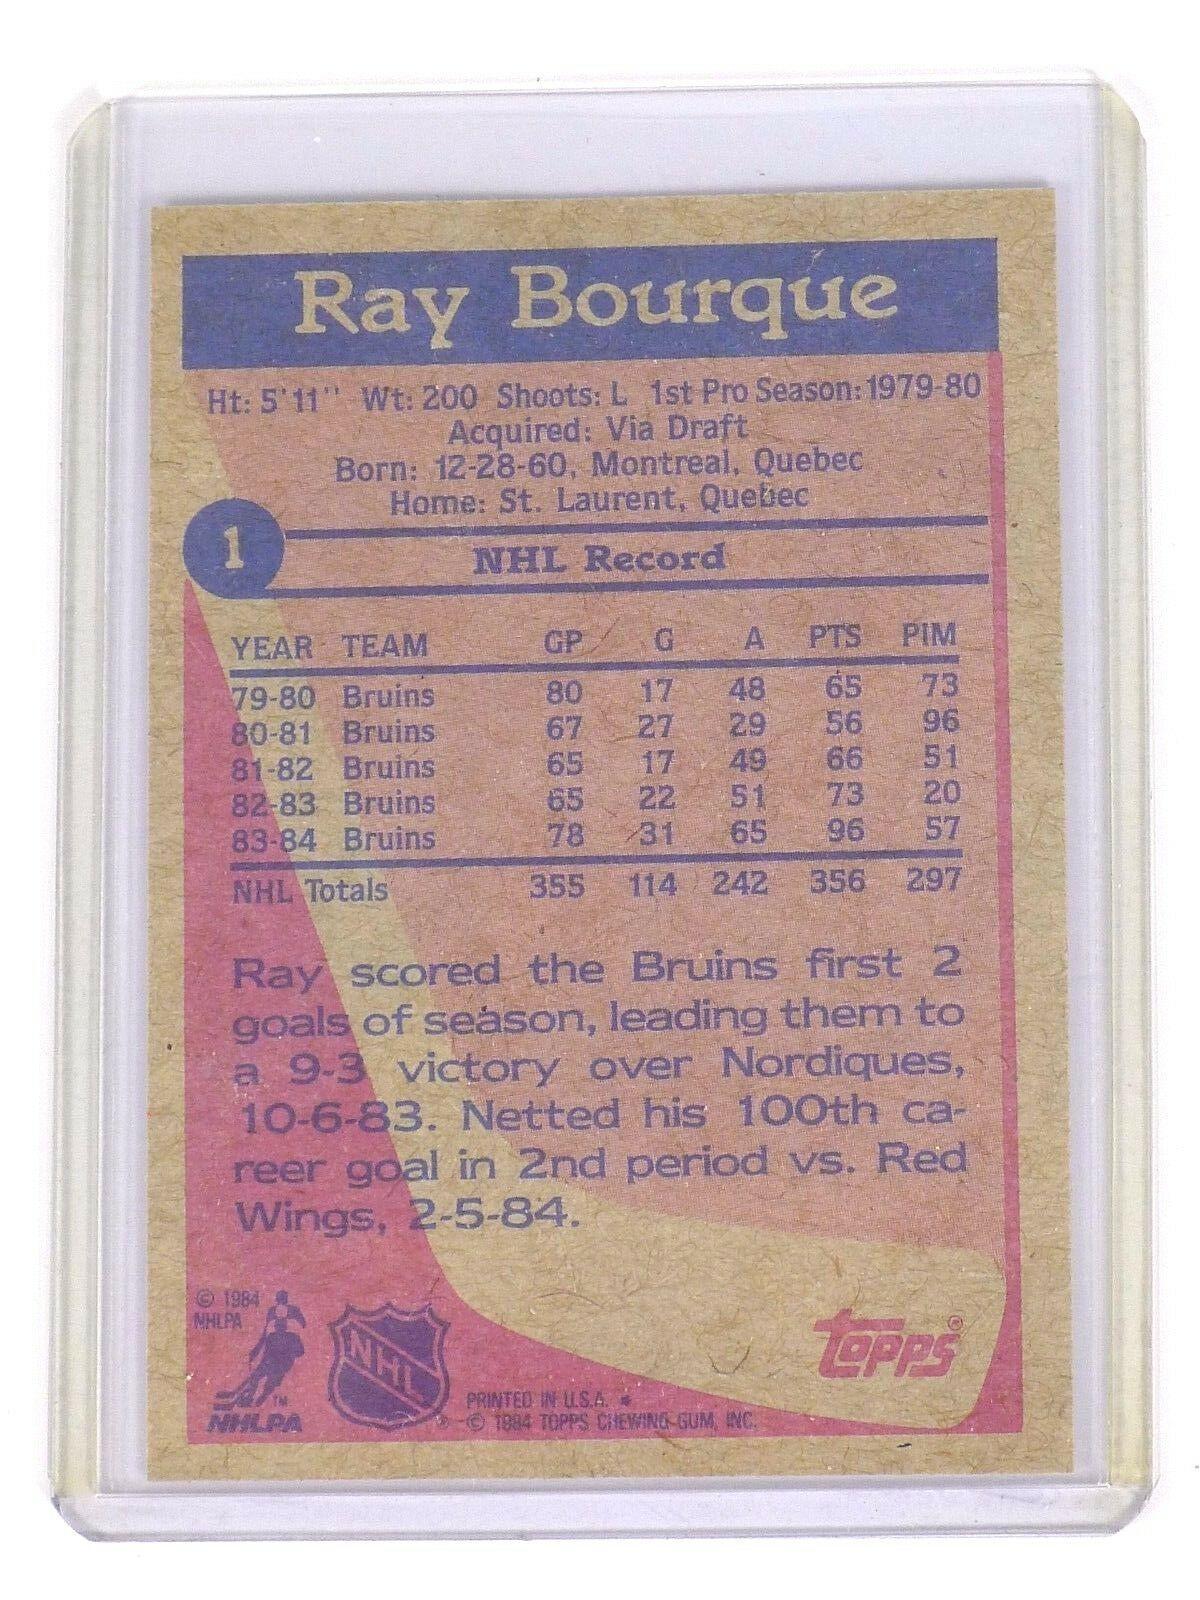 1984 Topps #1 Ray Bourque Hockey Card